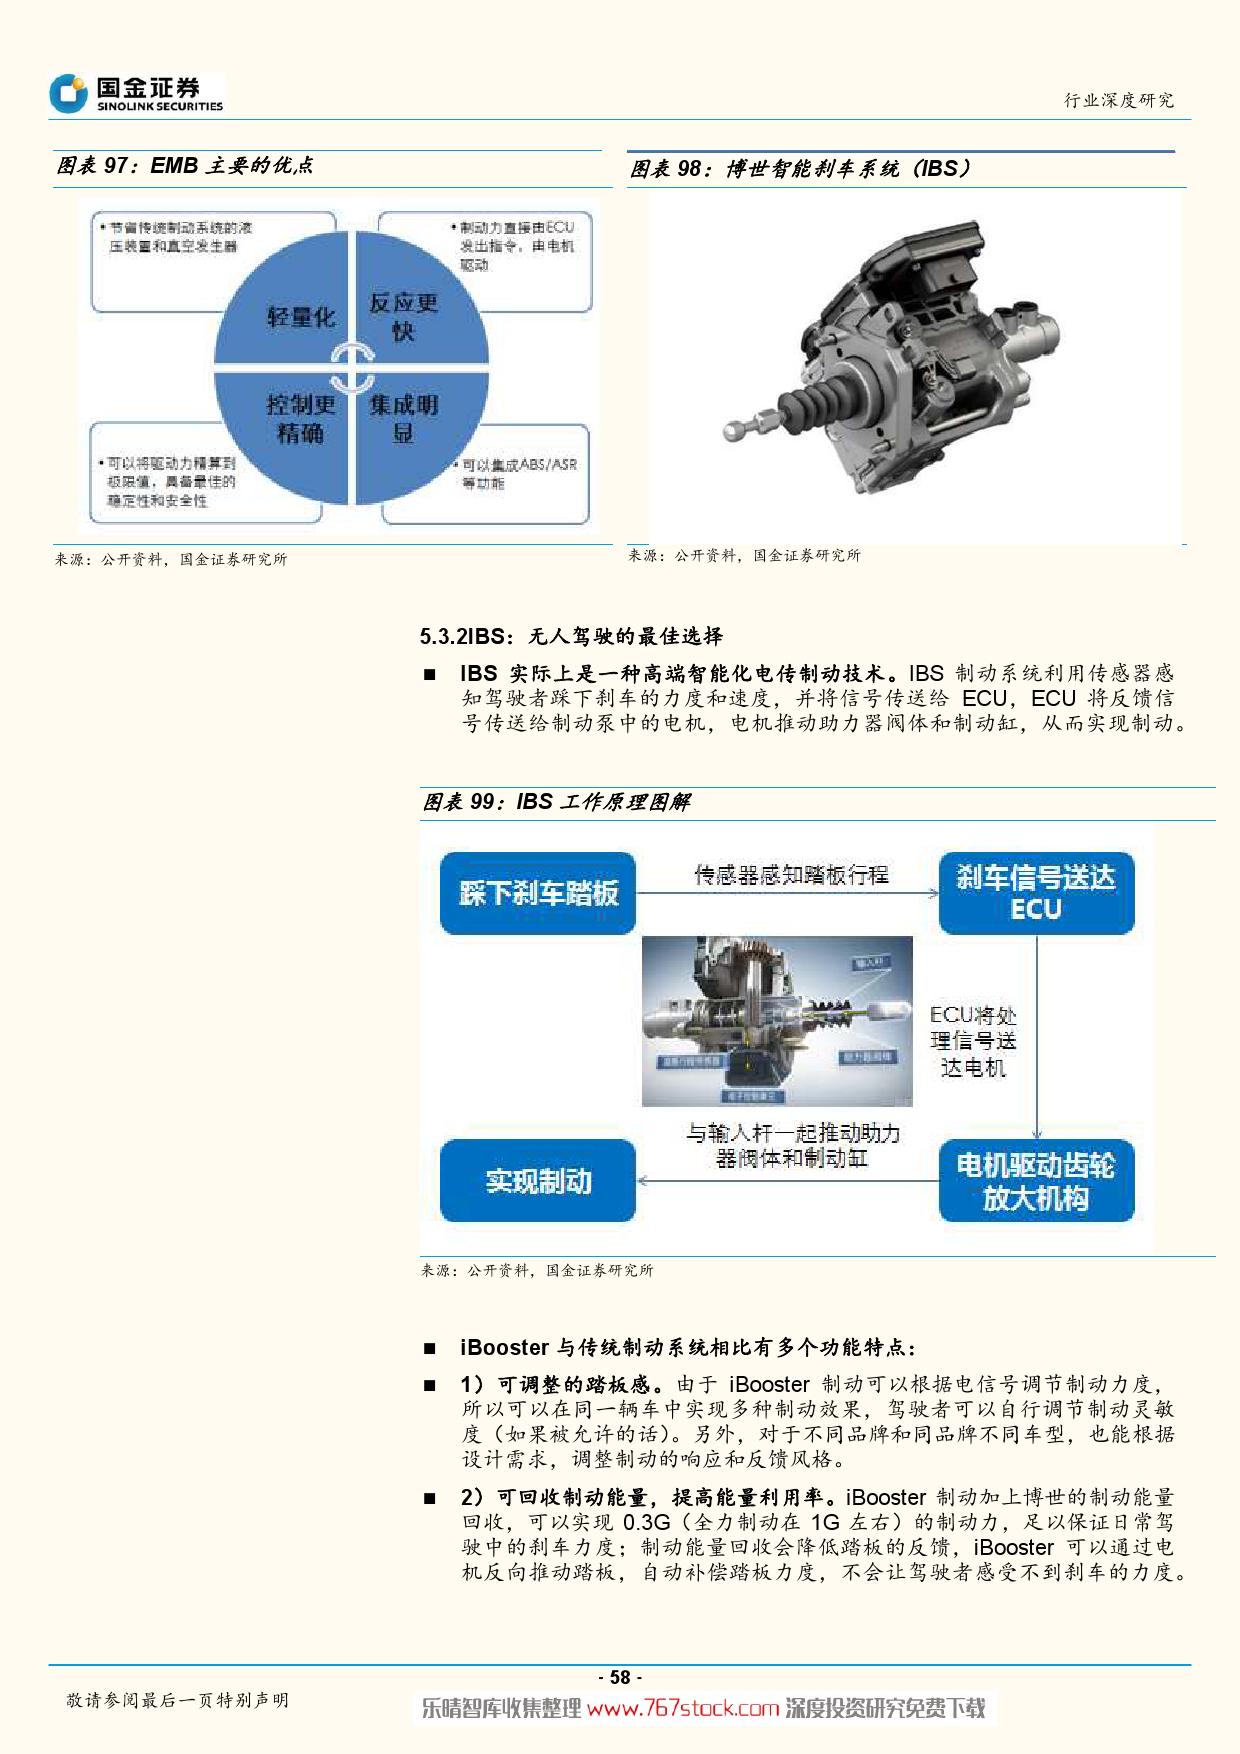 特斯拉产业系列深度报告-智能驾驶爆发在即_000058